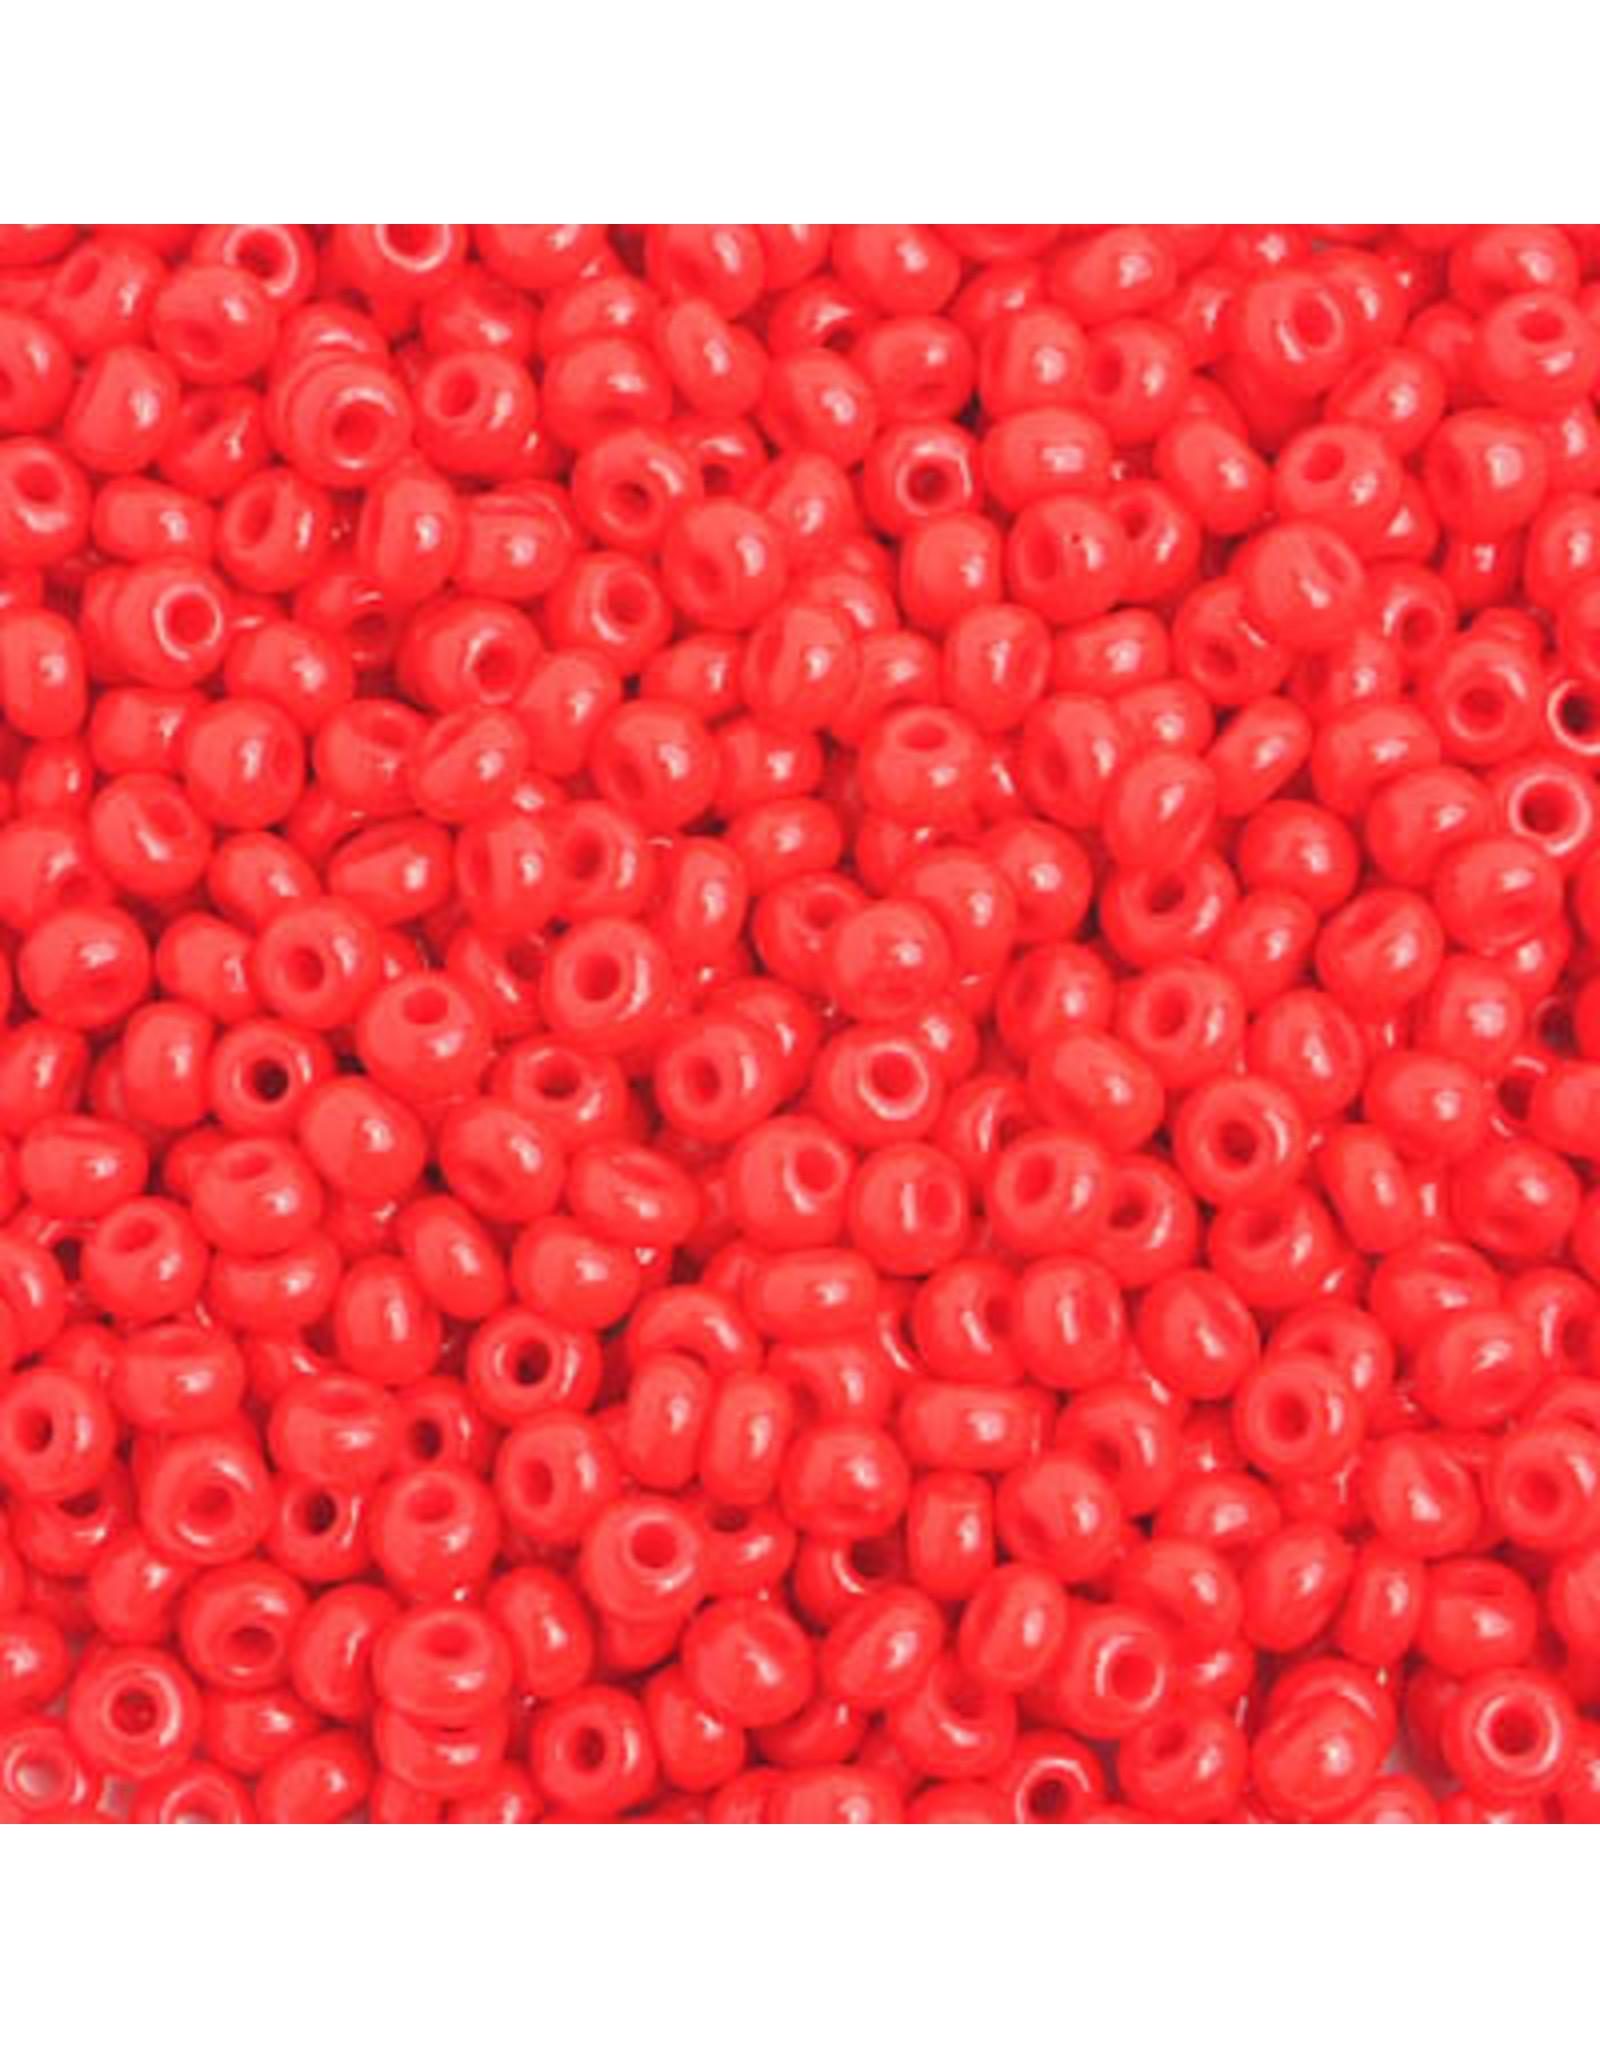 Czech 401630 6   Seed 20g Opaque Light Red